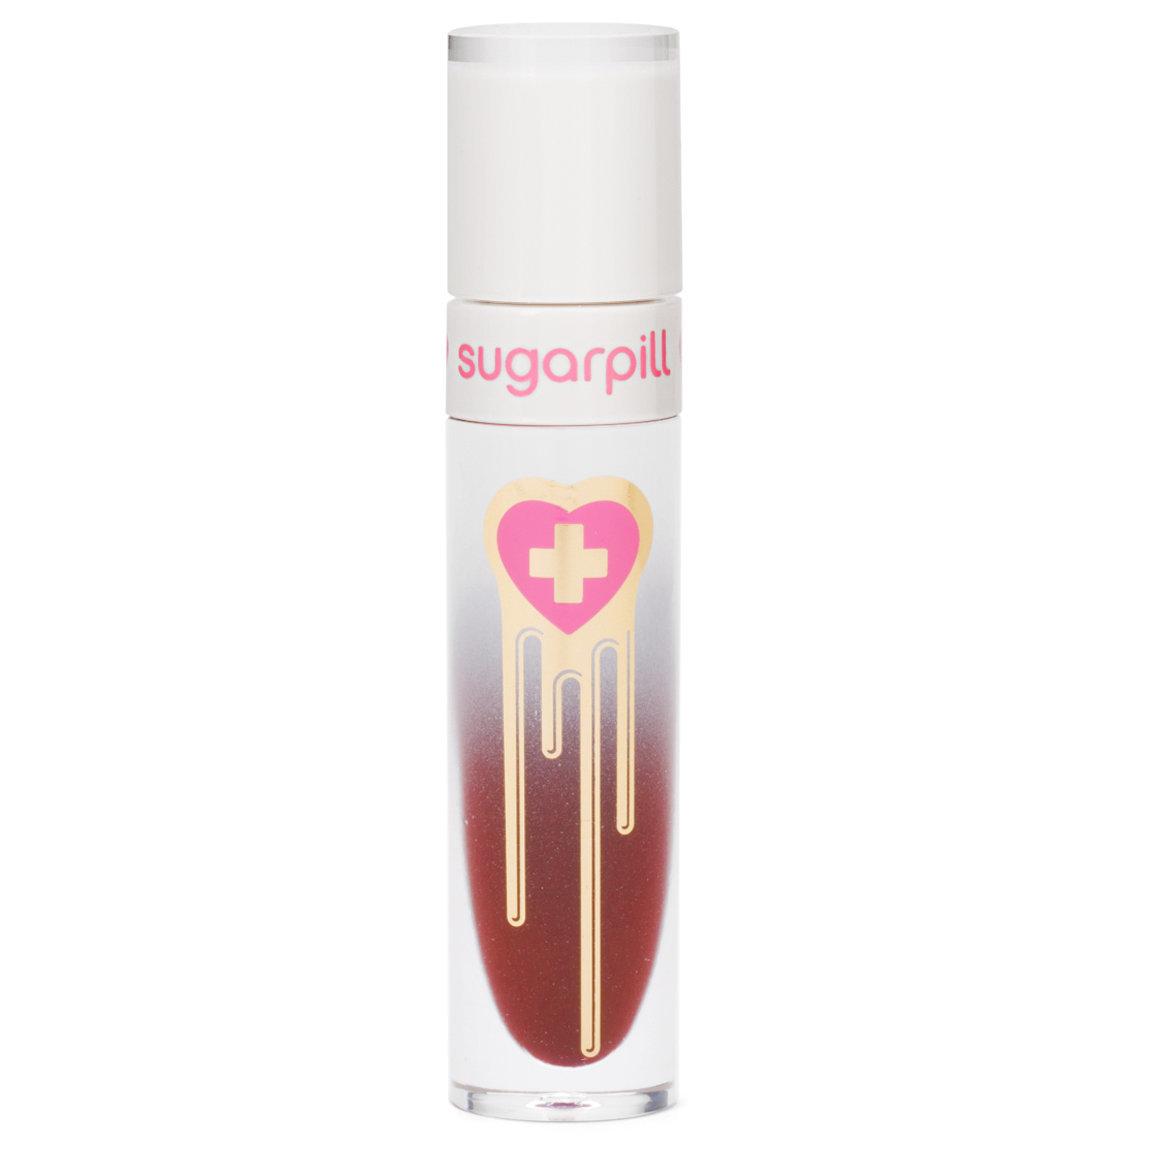 Sugarpill Cosmetics Liquid Lip Color Truth or Dare